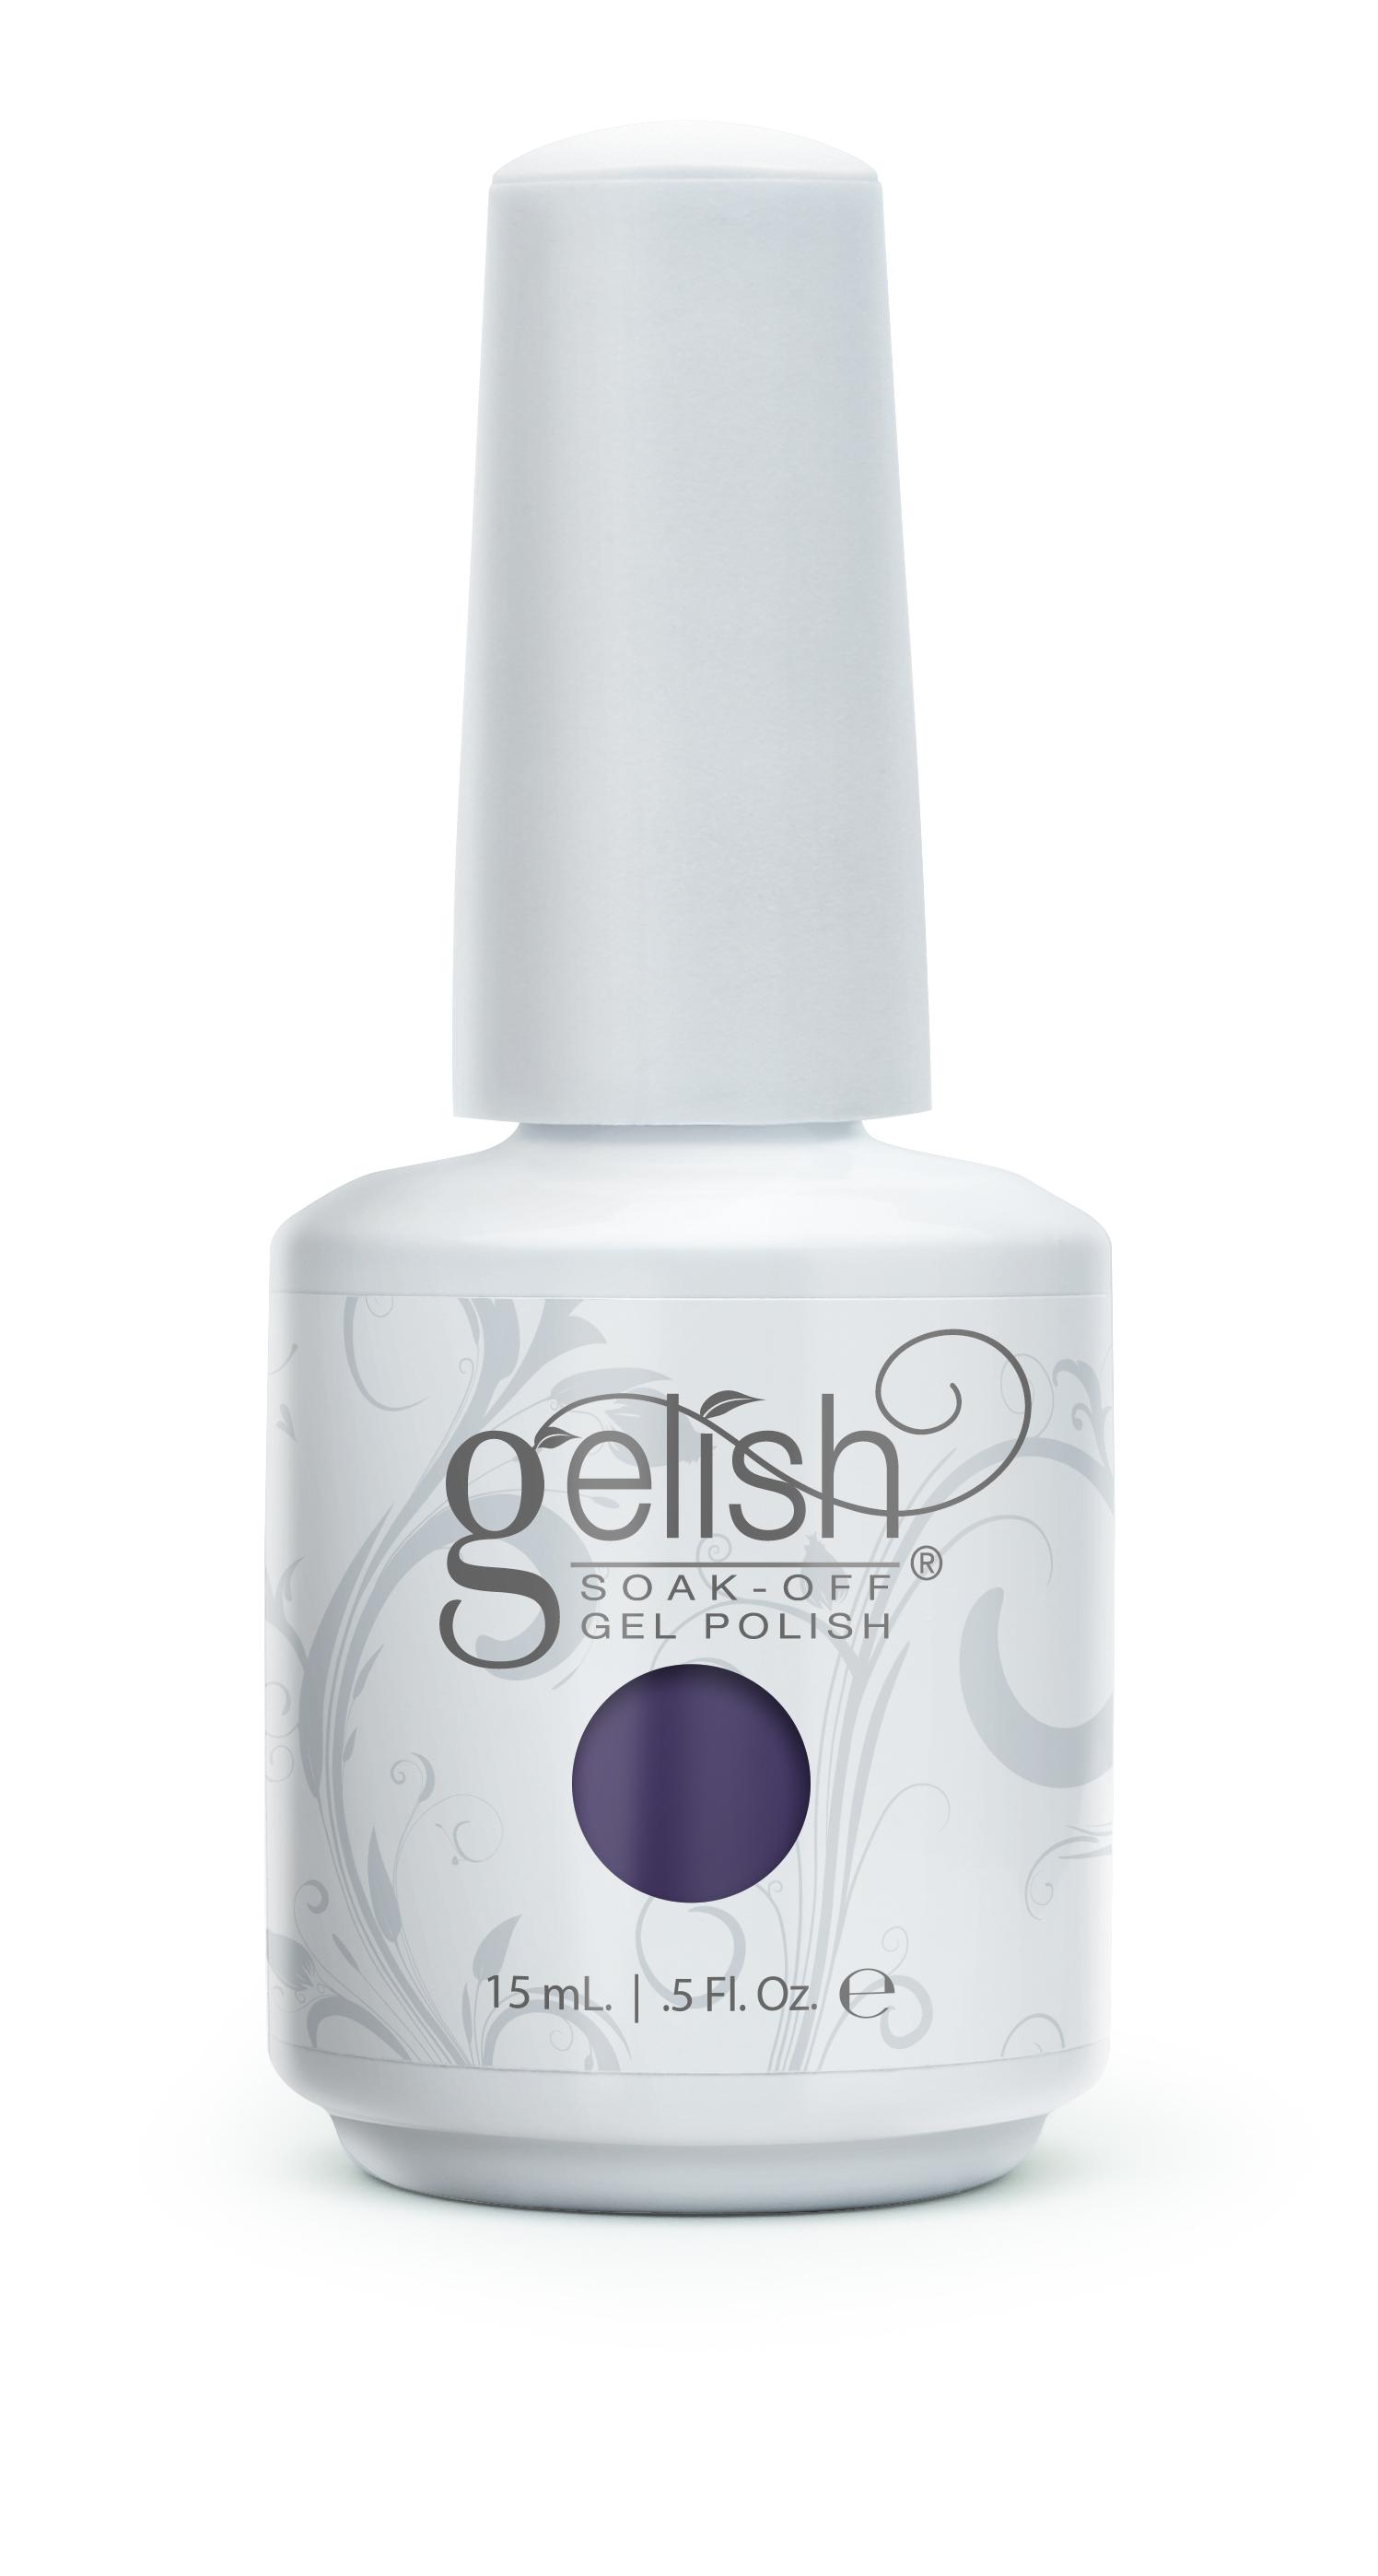 GELISH Гель-лак Sweater Weather / GELISH 15млГель-лаки<br>Гель-лак Gelish наносится на ноготь как лак, с помощью кисточки под колпачком. Процедура нанесения схожа с&amp;nbsp;нанесением обычного цветного покрытия. Все гель-лаки Harmony Gelish выполняют функцию еще и укрепляющего геля, делая ногти более прочными и длинными. Ногти клиента находятся под защитой гель-лака, они не ломаются и не расслаиваются. Гель-лаки Gelish после сушки в LED или УФ лампах держатся на натуральных ногтях рук до 3 недель, а на ногтях ног до 5 недель. Способ применения: Подготовительный этап. Для начала нужно сделать маникюр. В зависимости от ваших предпочтений это может быть европейский, классический обрезной, СПА или аппаратный маникюр. Главное, сдвинуть кутикулу с ногтевого ложа и удалить ороговевшие участки кожи вокруг ногтей. Особенностью этой системы является то, что перед нанесением базового слоя необходимо обработать ноготь шлифовочным бафом Harmony Buffer 100/180 грит, для того, чтобы снять глянец. Это поможет улучшить сцепку покрытия с ногтем. Пыль, которая осталась после опила, излишки жира и влаги удаляются с помощью обезжиривателя Бондер / GELISH pH Bond 15&amp;nbsp;мл или любого другого дегитратора. Нанесение искусственного покрытия Harmony.&amp;nbsp; После того, как подготовительные процедуры завершены, можно приступать непосредственно к нанесению искусственного покрытия Harmony Gelish. Как и все гелевые лаки, продукцию этого бренда необходимо полимеризовать в лампе. Гель-лаки Gelish сохнут (полимеризуются) под LED или УФ лампой. Время полимеризации: В LED лампе 18G/6G = 30 секунд В LED лампе Gelish Mini Pro = 45 секунд В УФ лампах 36 Вт = 120 секунд В УФ лампе Harmony Mini Portable UV Light = 180 секунд ПРИМЕЧАНИЕ: подвергать полимеризации необходимо каждый слой гель-лакового покрытия! 1)Первым наносится тонкий слой базового покрытия Gelish Foundation Soak Off Base Gel 15 мл. 2)Следующий шаг   нанесение цветного гель-лака Harmony Gelish.&amp;nbsp; 3)Заключительный этап Нанес